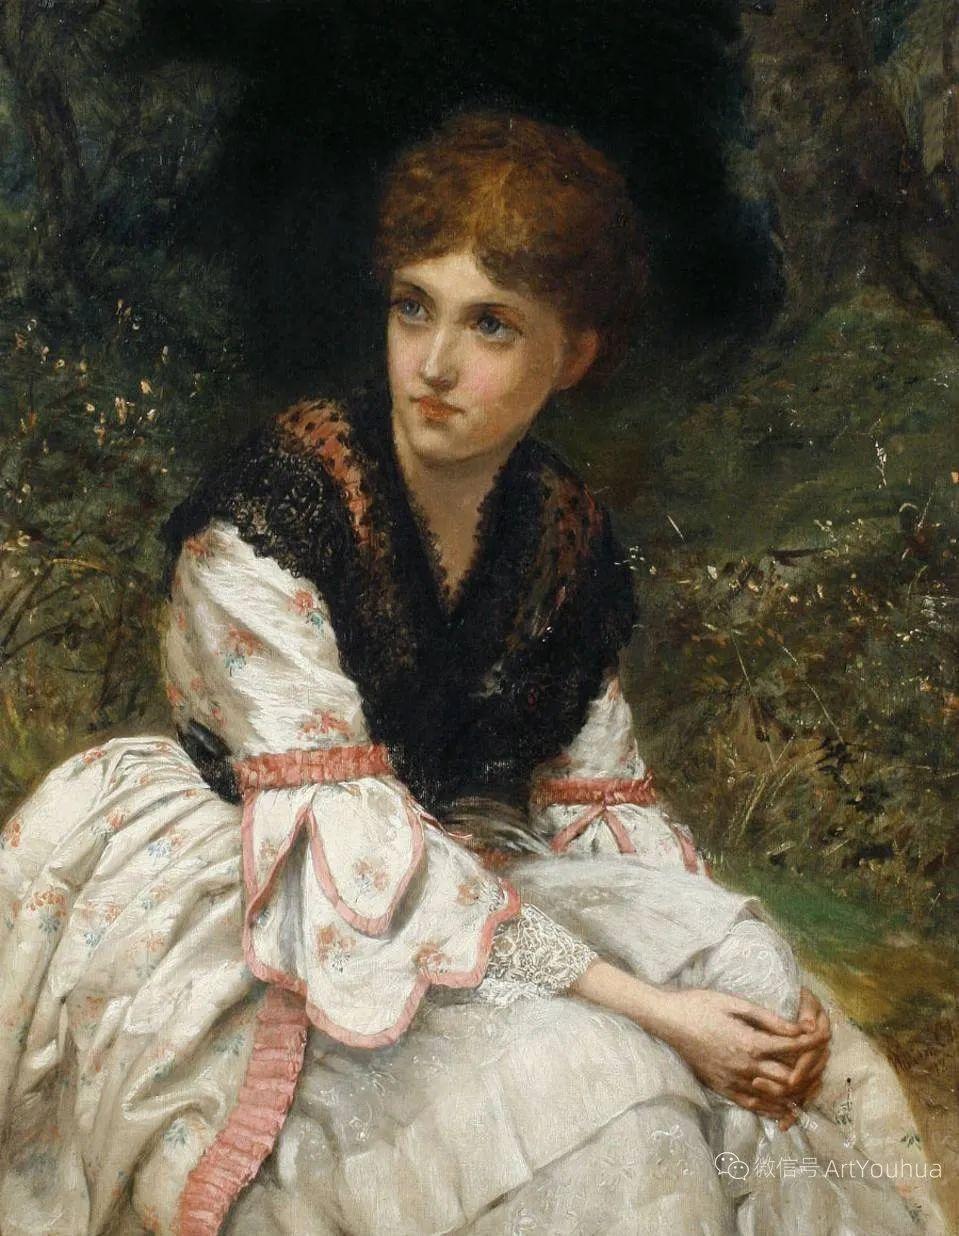 纯情与美丽,英国画家威廉·奥利弗作品选插图91